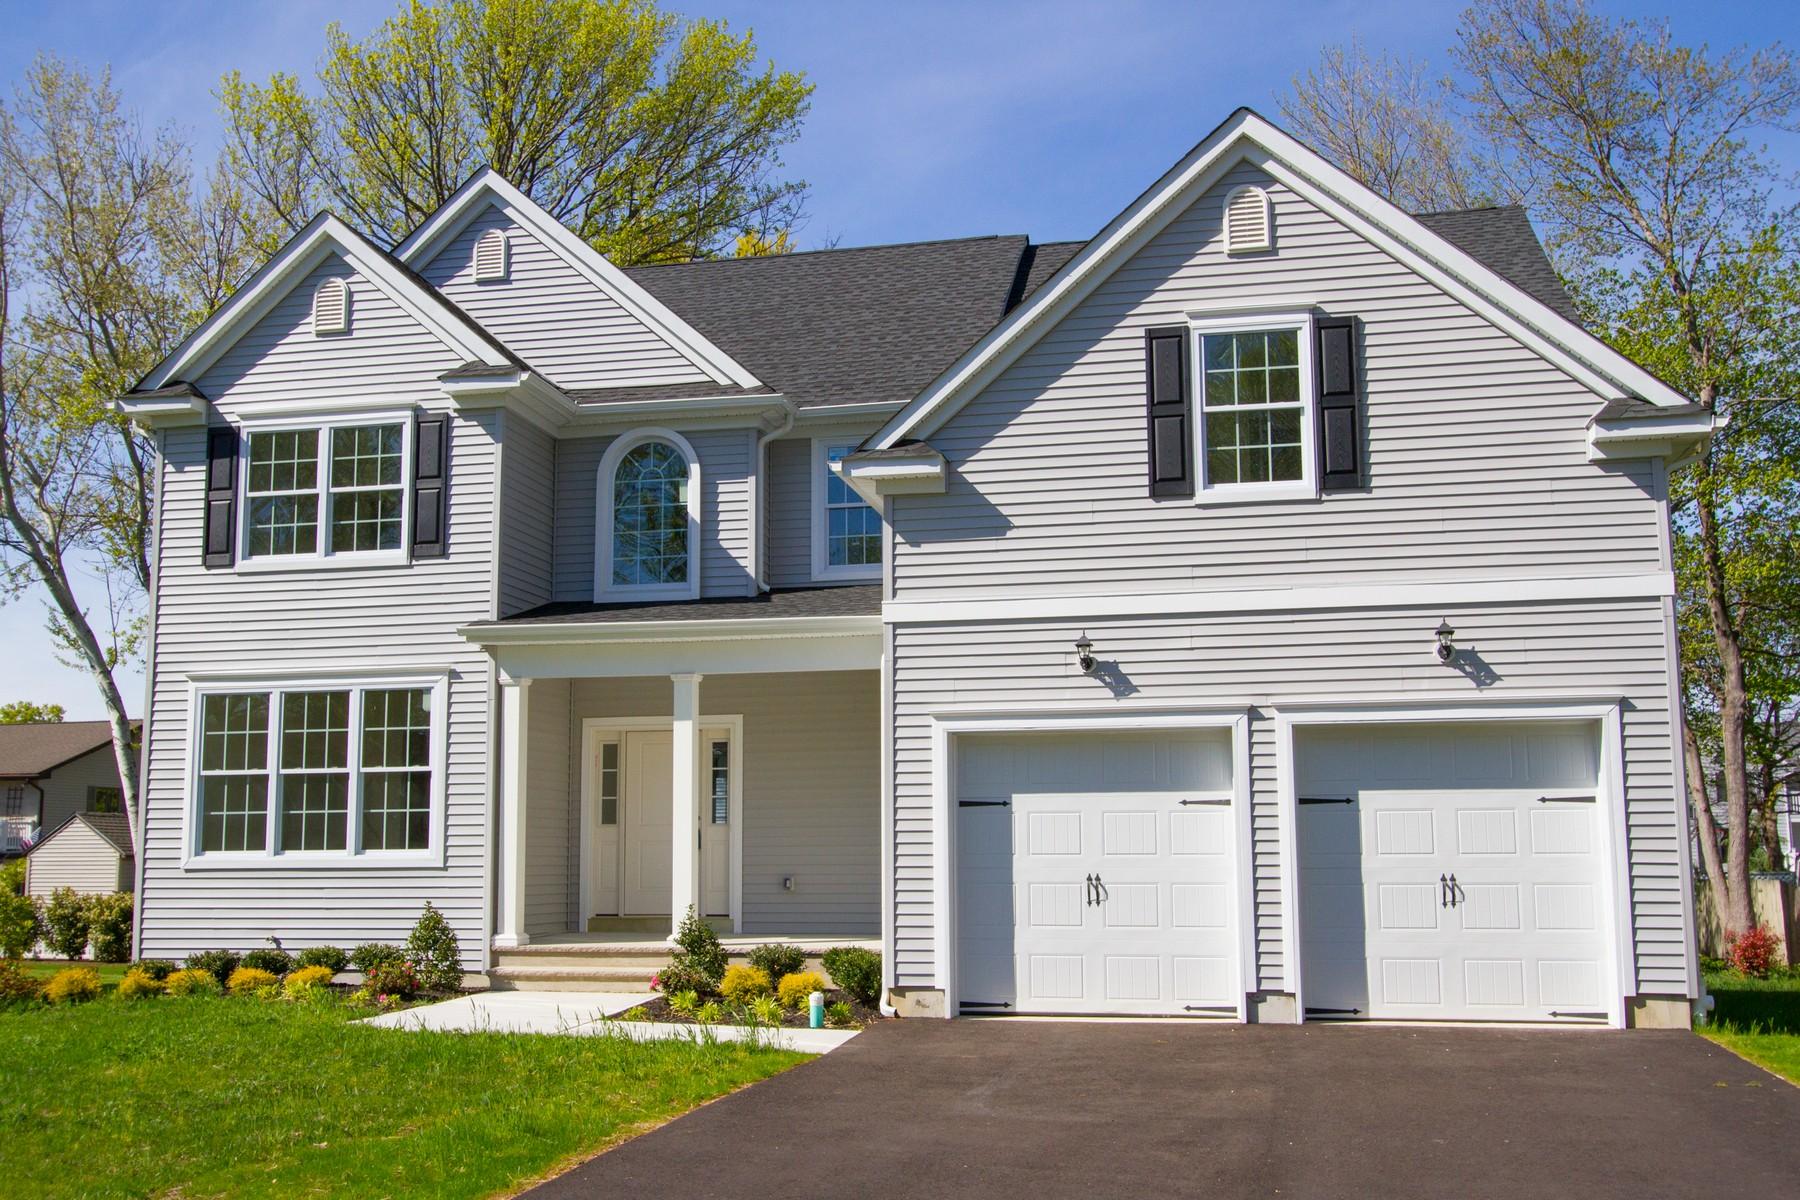 Maison unifamiliale pour l Vente à Each home needs a proper frame 83 Hiawatha Ave Oceanport, New Jersey 07757 États-Unis